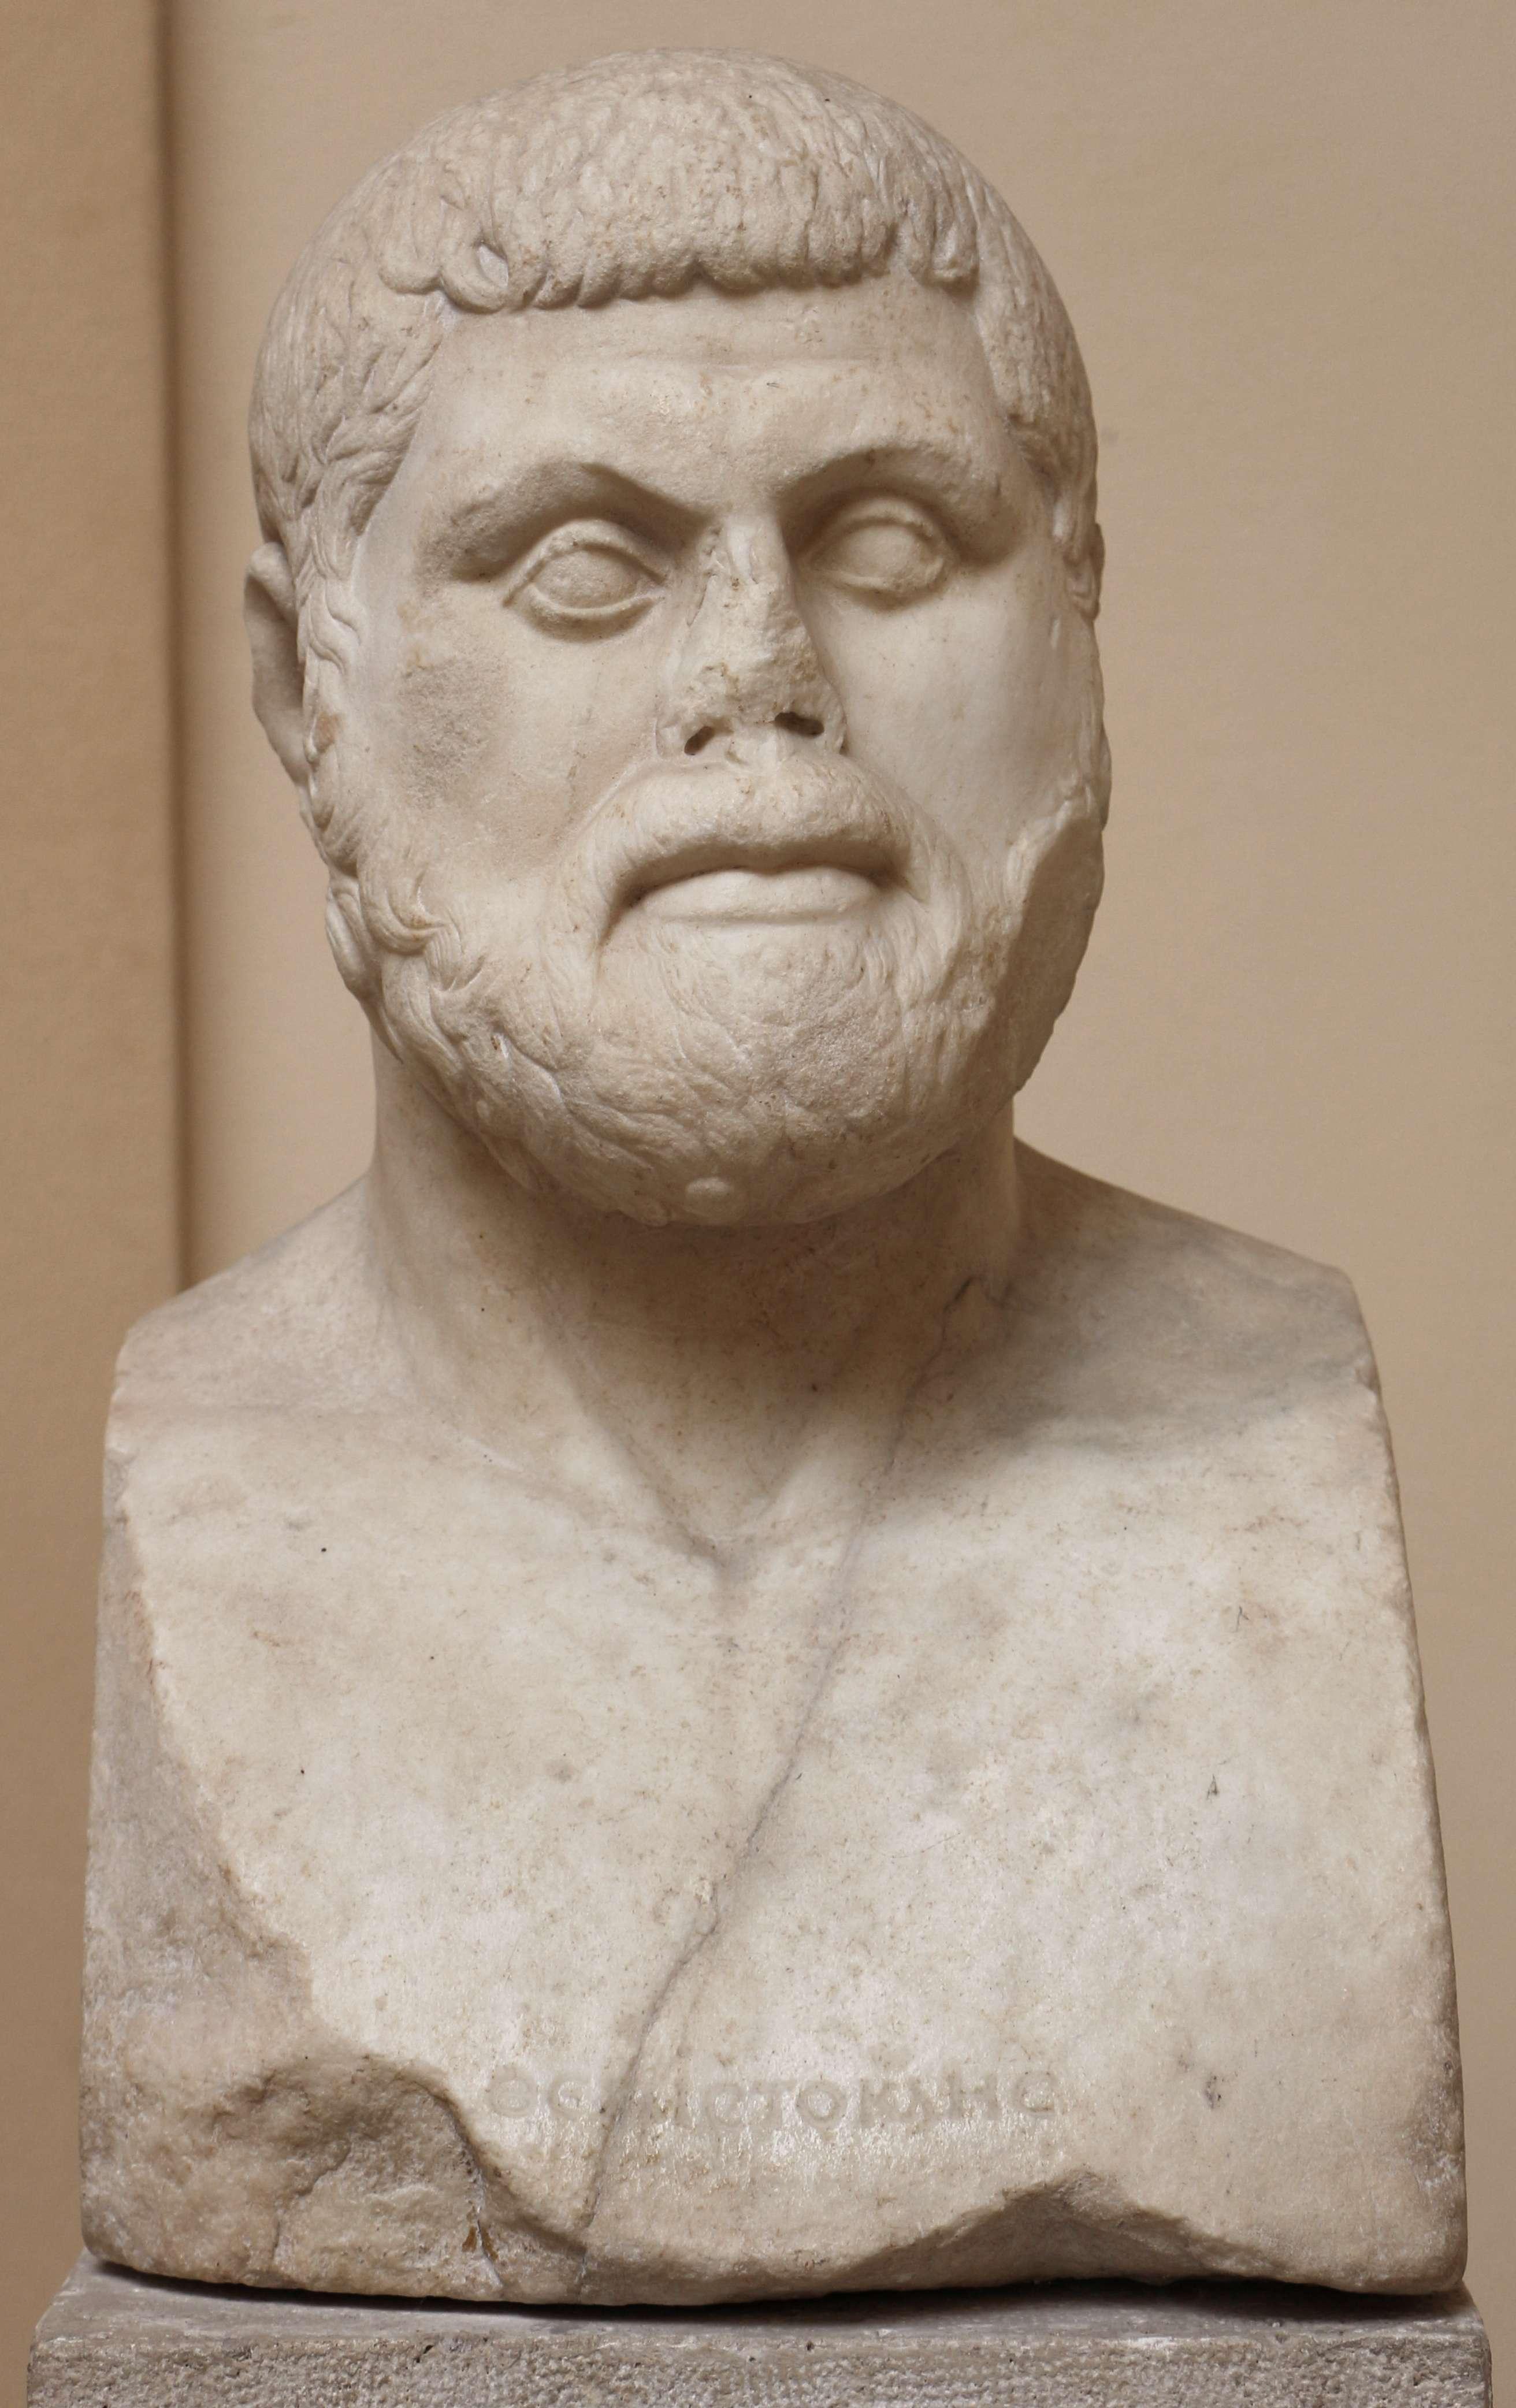 Ο Θεμιστοκλής του Νεοκλέους ο Φρεάριος (527 π.Χ. - 459 π.Χ.) ήταν αρχαίος Έλληνας πολιτικός και στρατηγός. Υπήρξε αρχηγός της δημοκρατικής παράταξης στην κλασική Αθήνα, έλαβε μέρος στη Μάχη του Μαραθώνα το 490 π.Χ. και στη Ναυμαχία του Αρτεμισίου το 480 π.Χ.